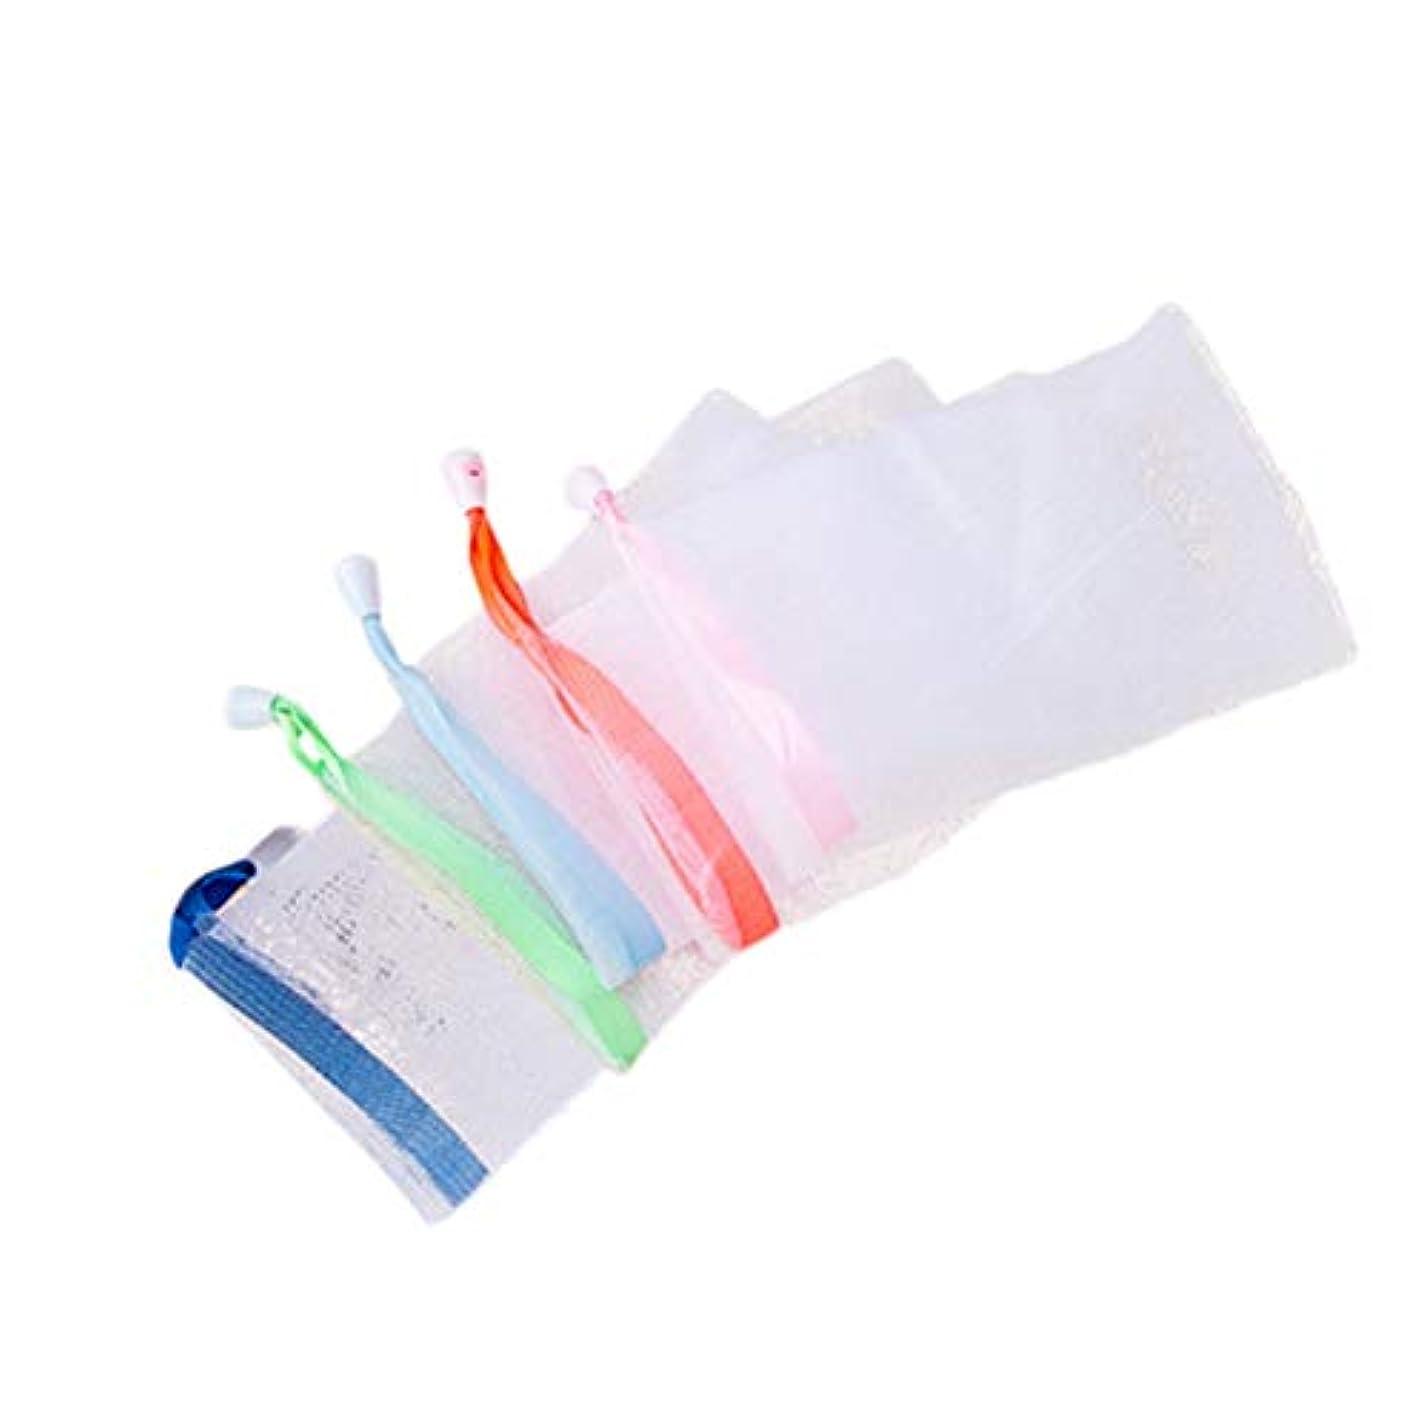 事実上削除する検索エンジン最適化HEALIFTY 9pcsを洗う表面のための多彩な石鹸袋の泡立つ純袋の石鹸の泡ネット袋